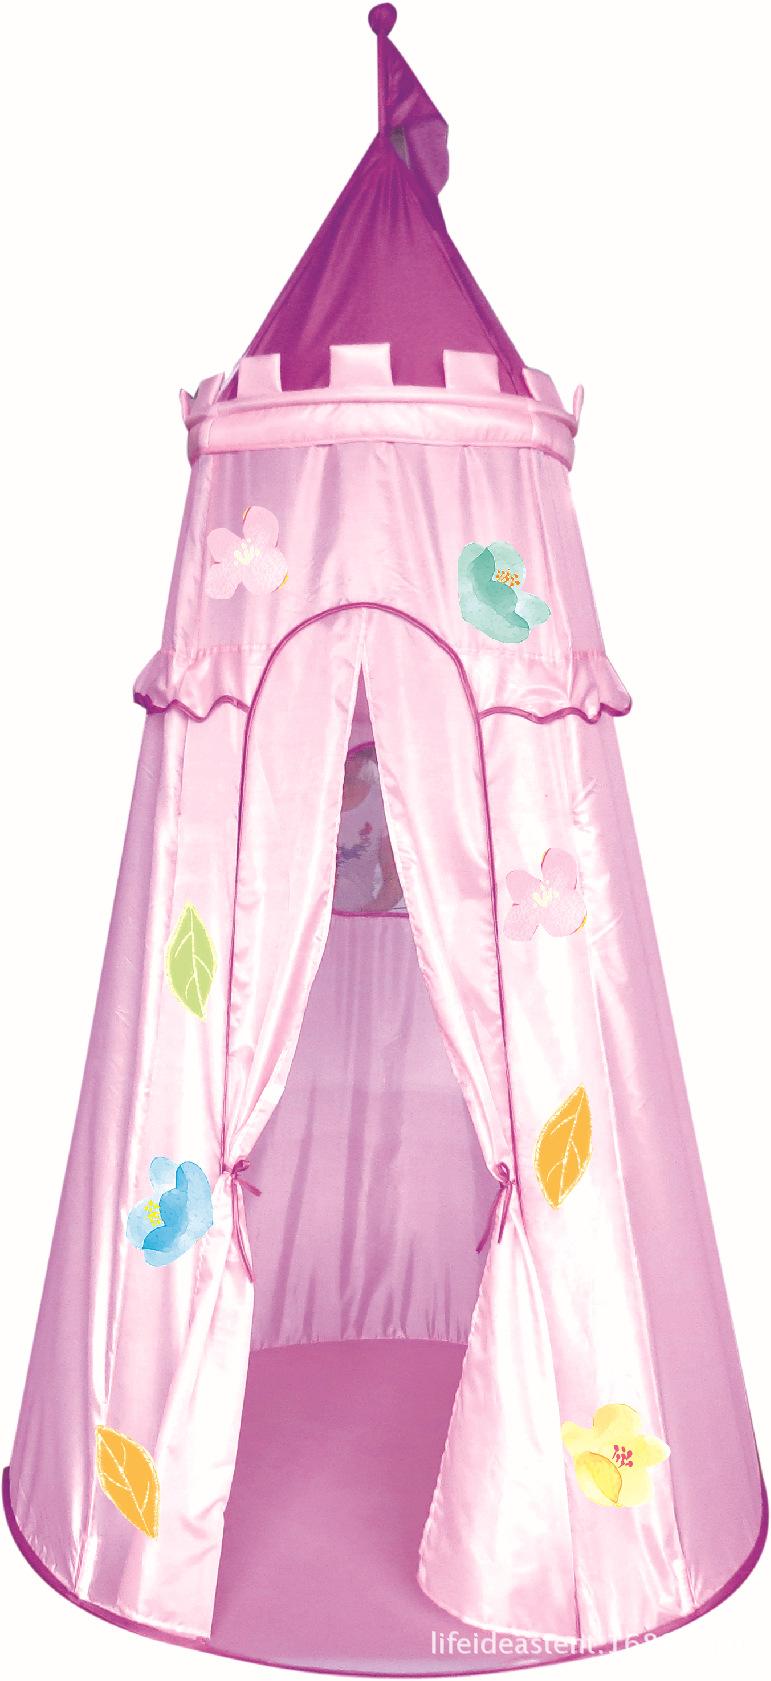 【儿童城堡帐篷 防蚊帐篷